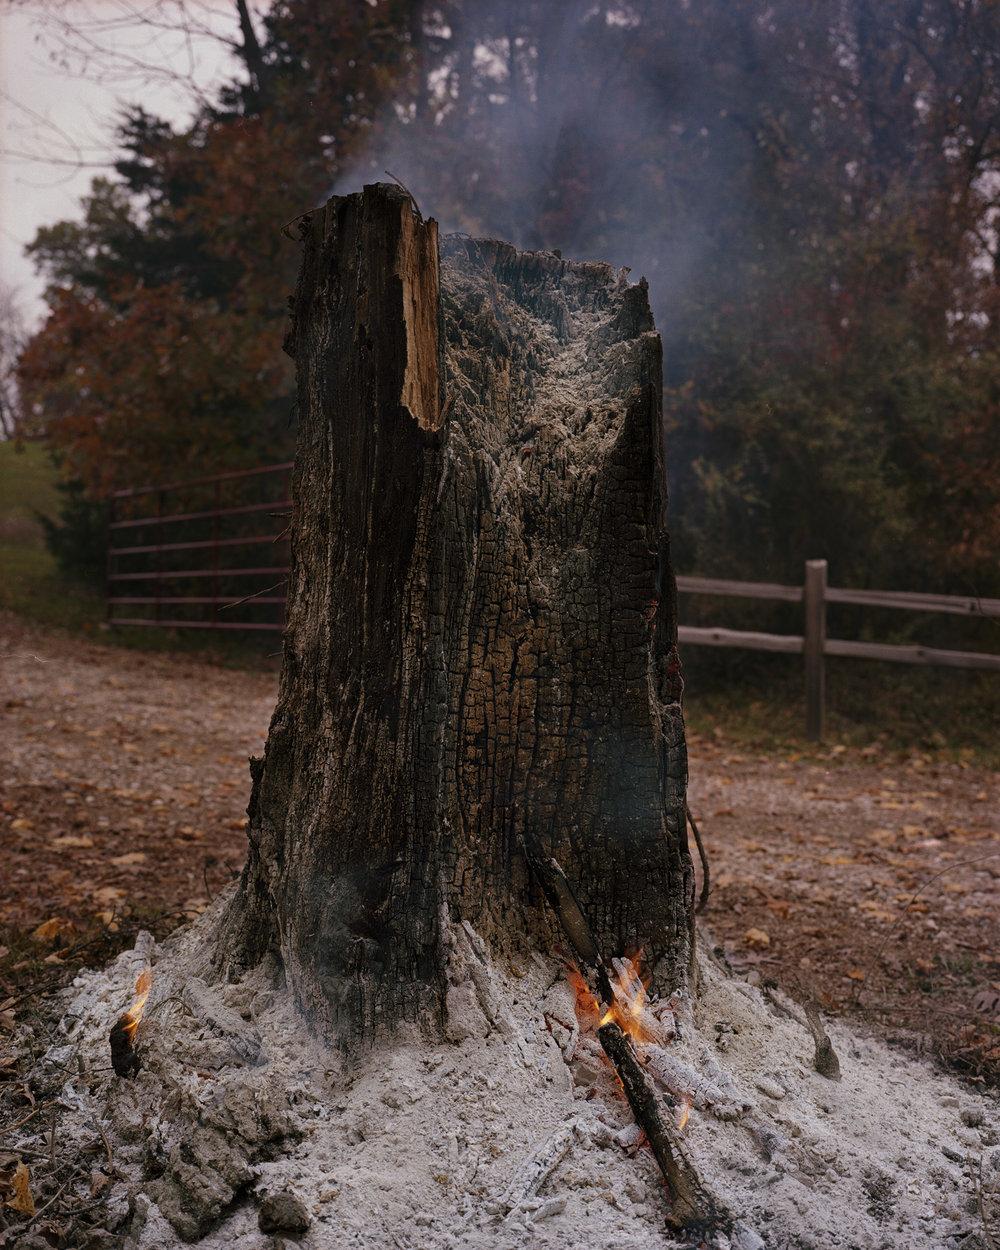 burning stump001.jpg